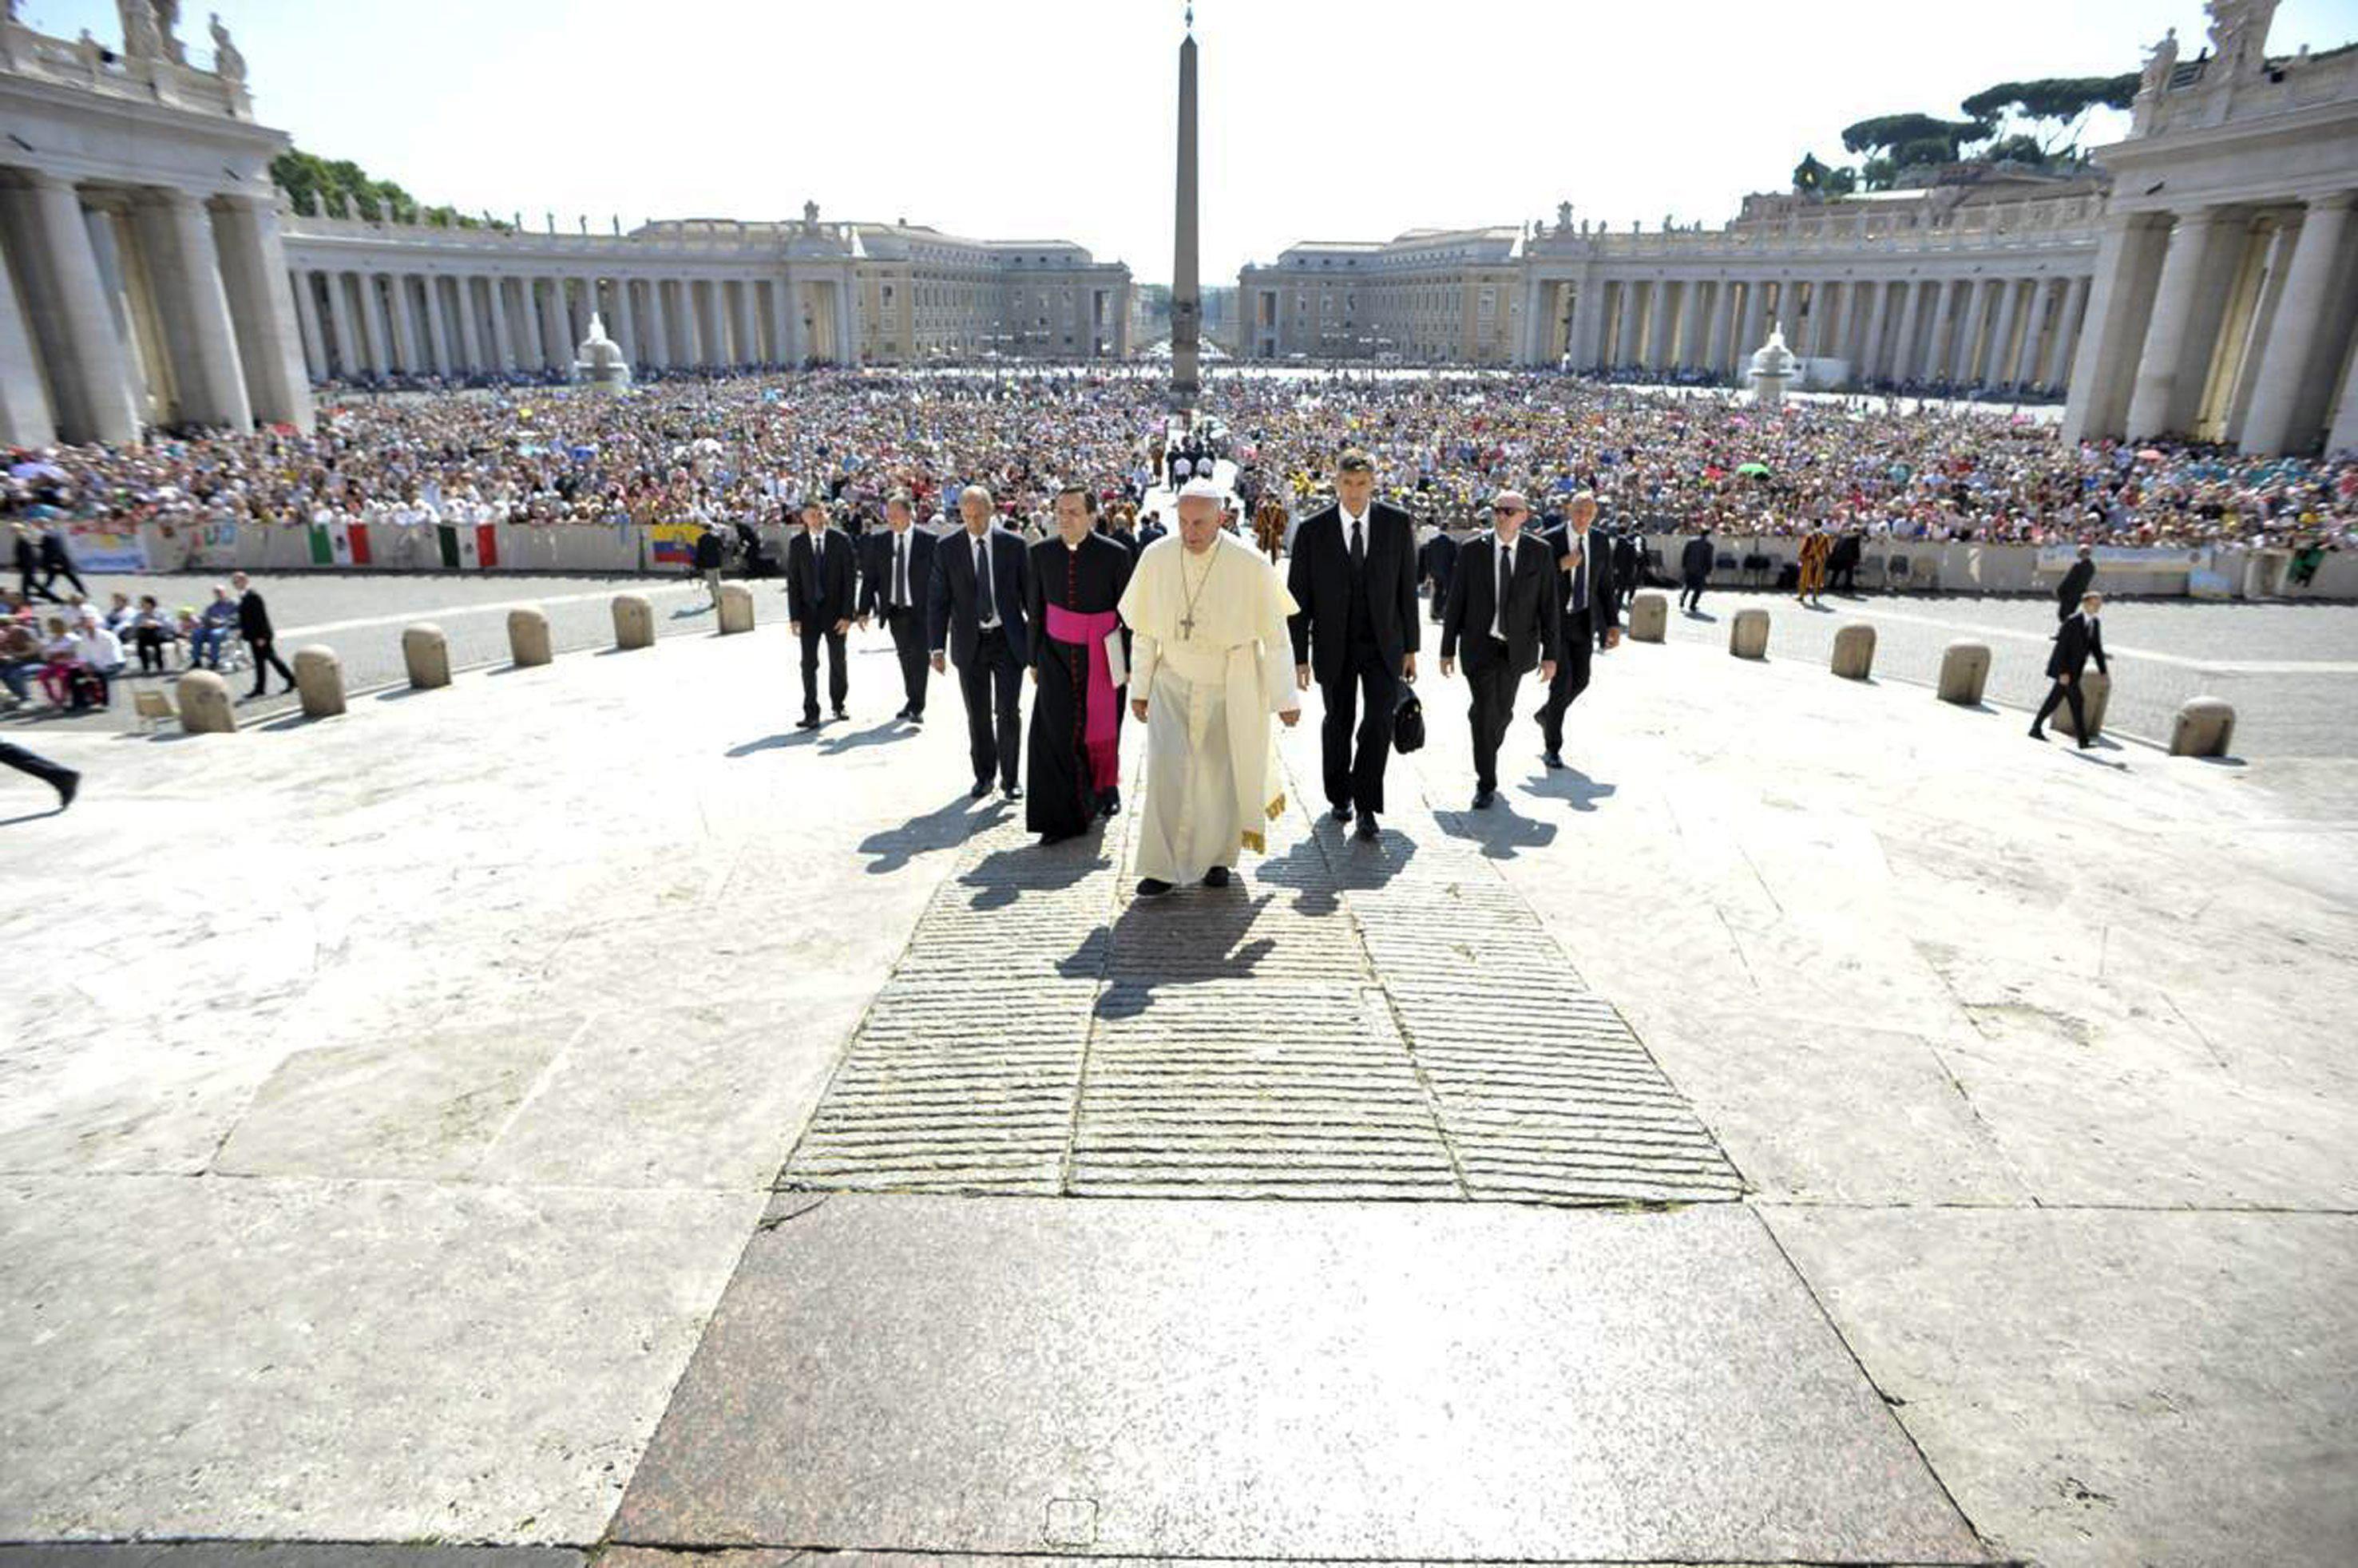 Muchas denuncias de abusos del clero 'no son verdaderas': asesor del Papa